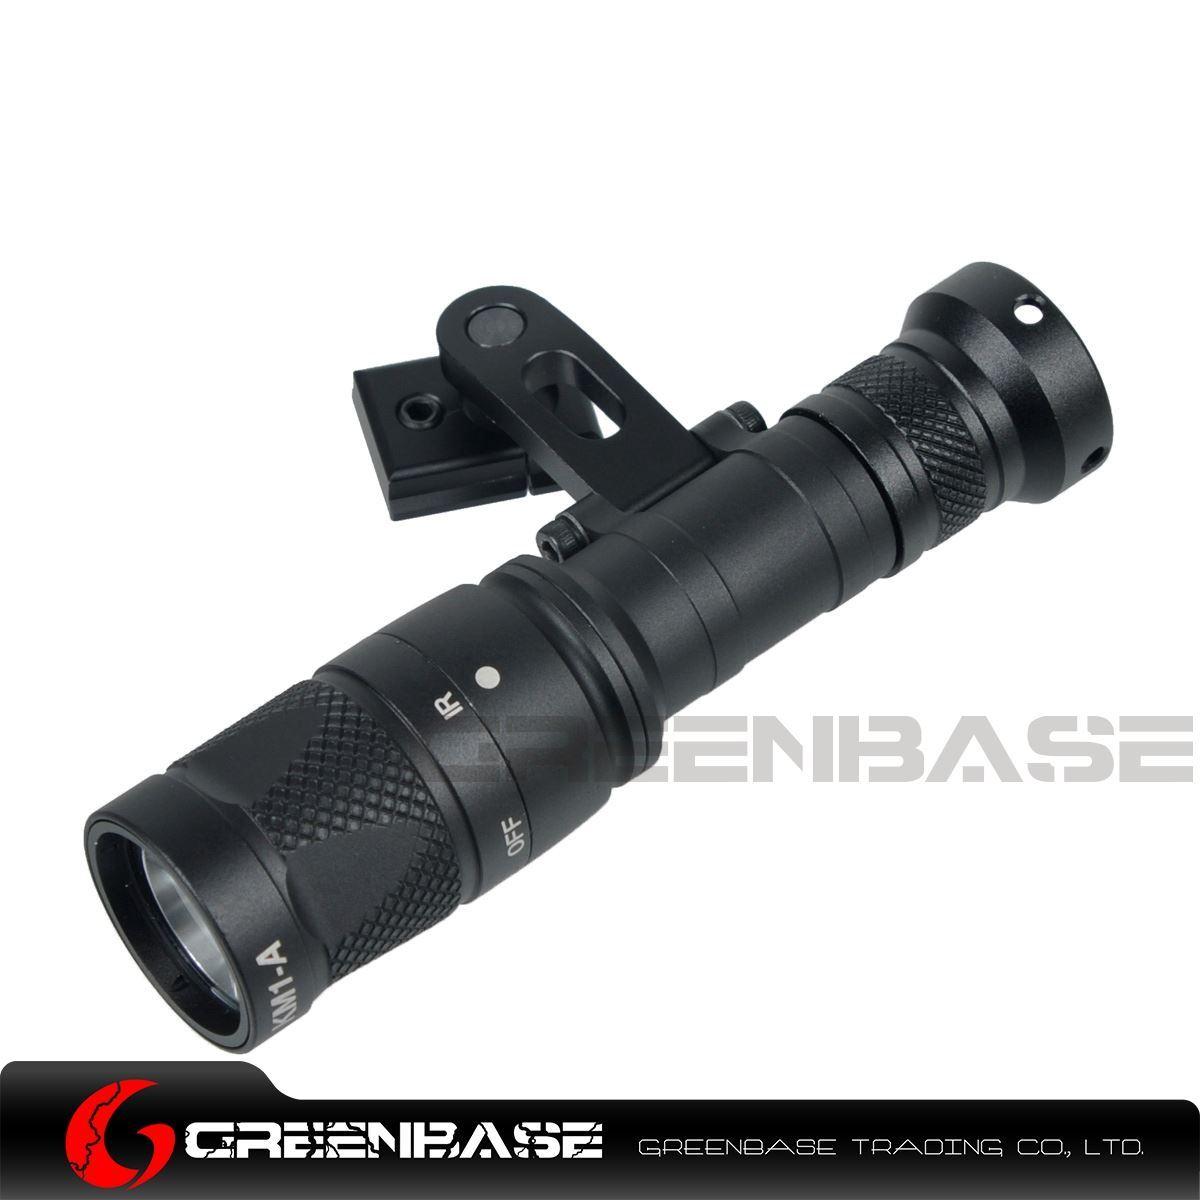 请填关键字. AR-15, AK-47,Red Dot Scope,Gun Accessories